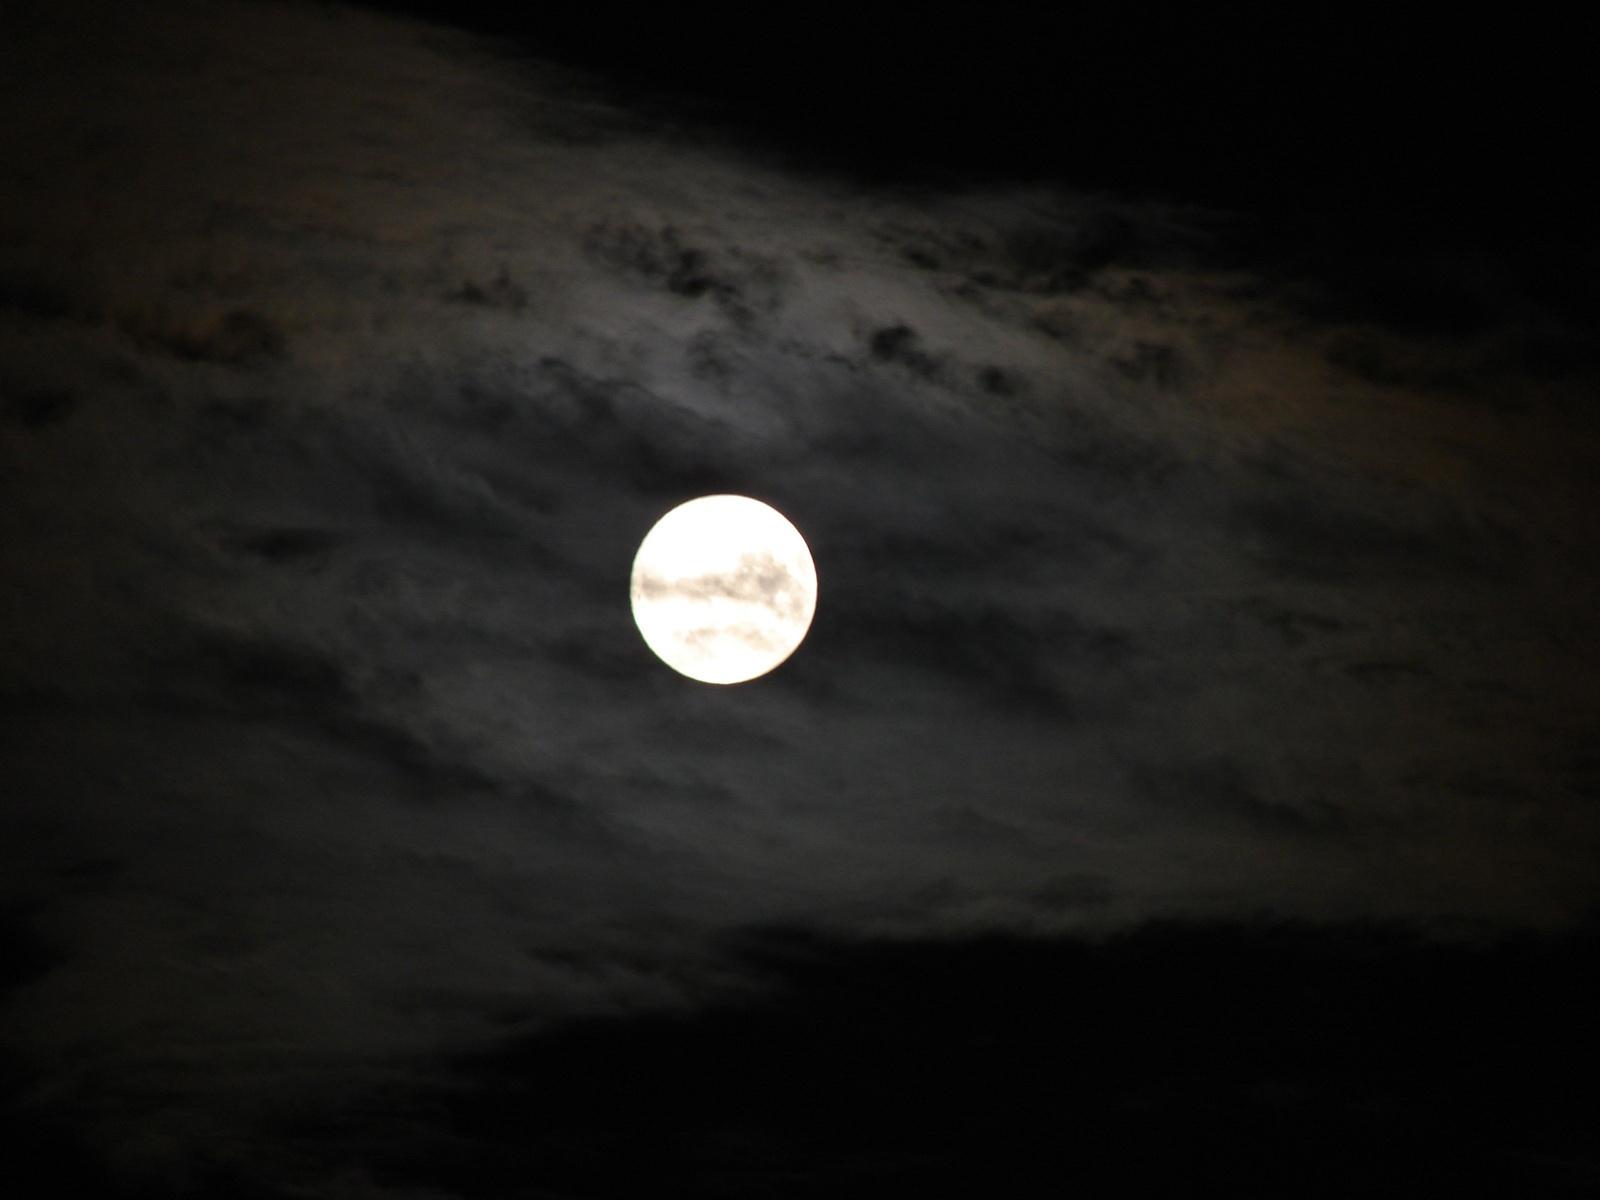 Super Fond d'ecran Pleine lune - Wallpaper BA48